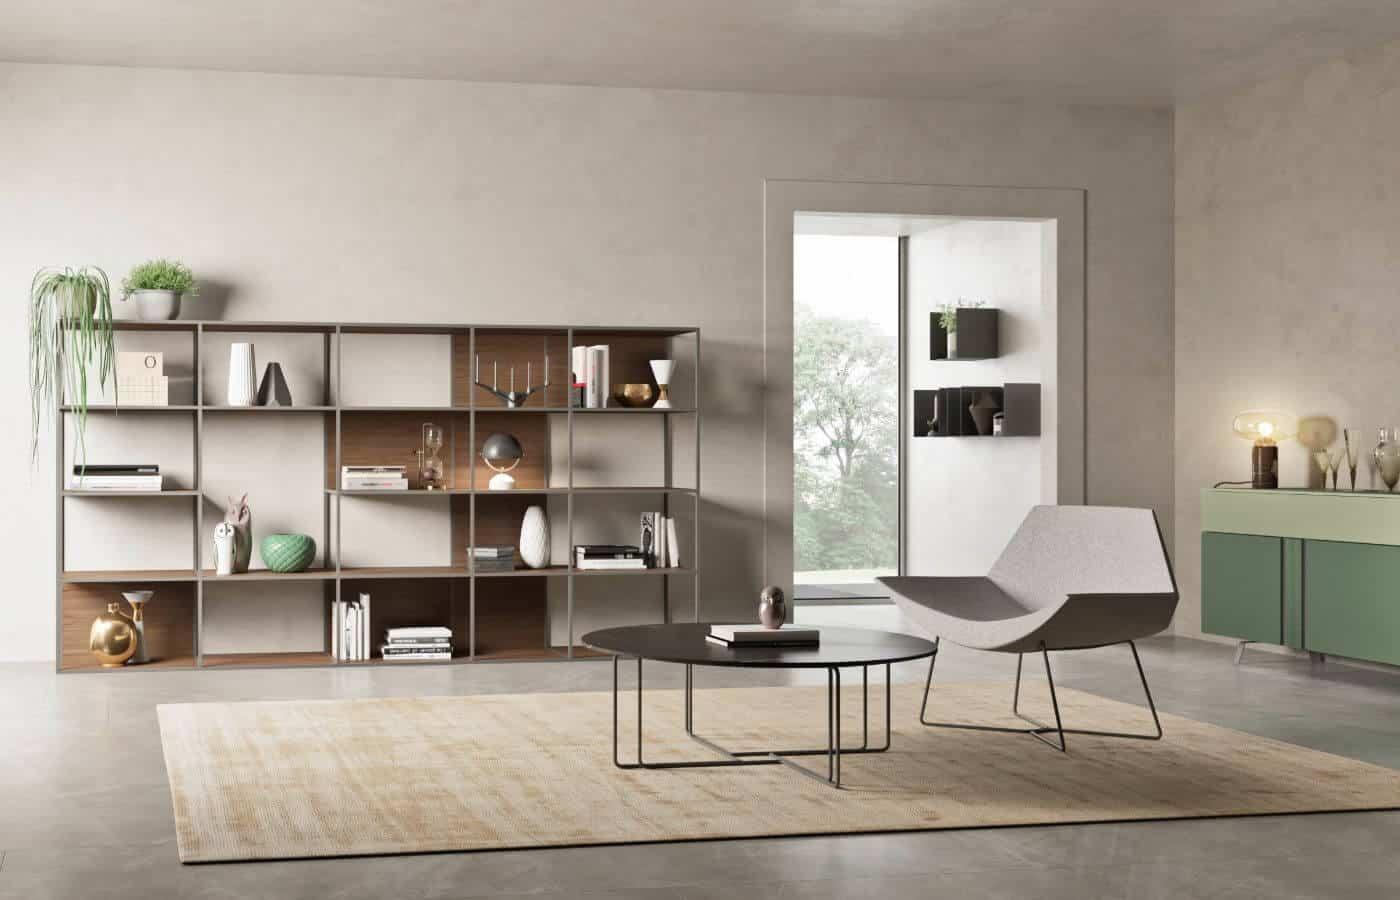 zona-giorno-librerie-collezione-dafne-il-mobile (3)